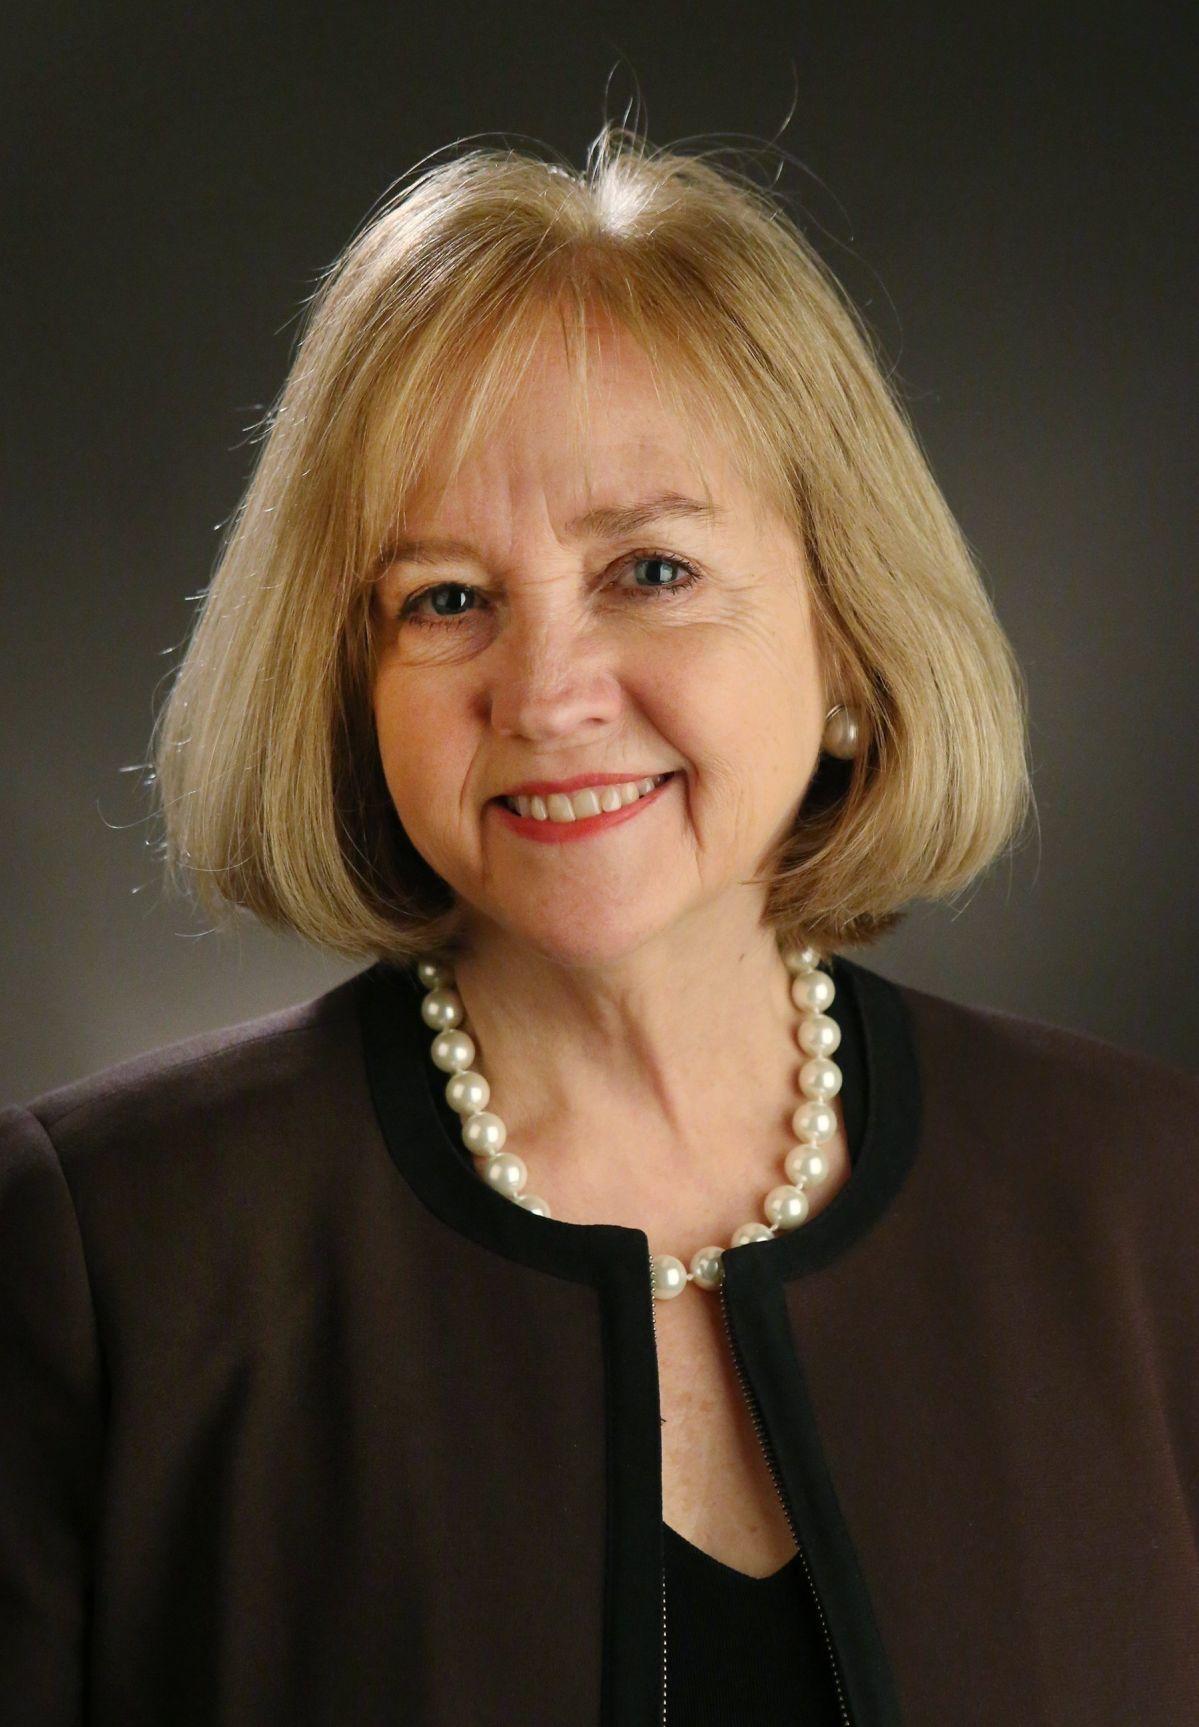 Mayoral candidate Lyda Krewson